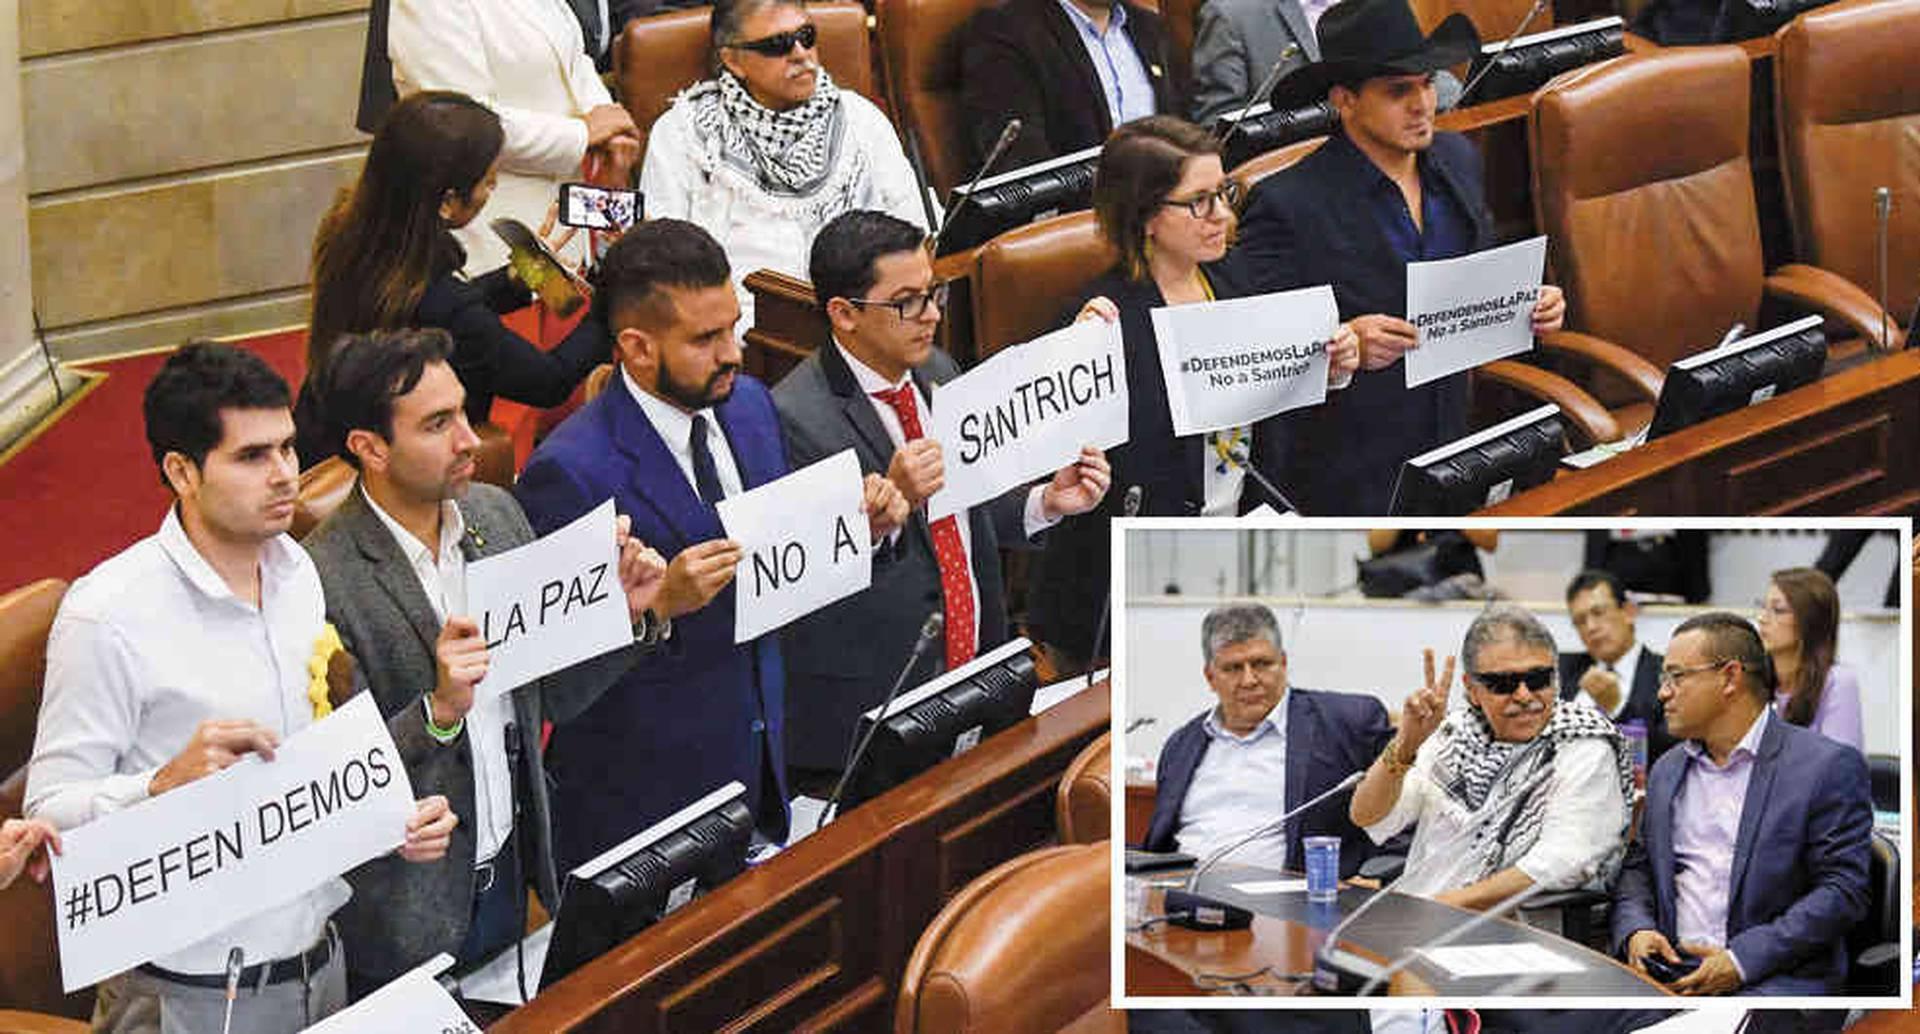 Santrich llegó sonriendo e hizo una desafiante V de la victoria en la Comisión Séptima. Hasta los congresistas defensores de la paz protestaron por su presencia.